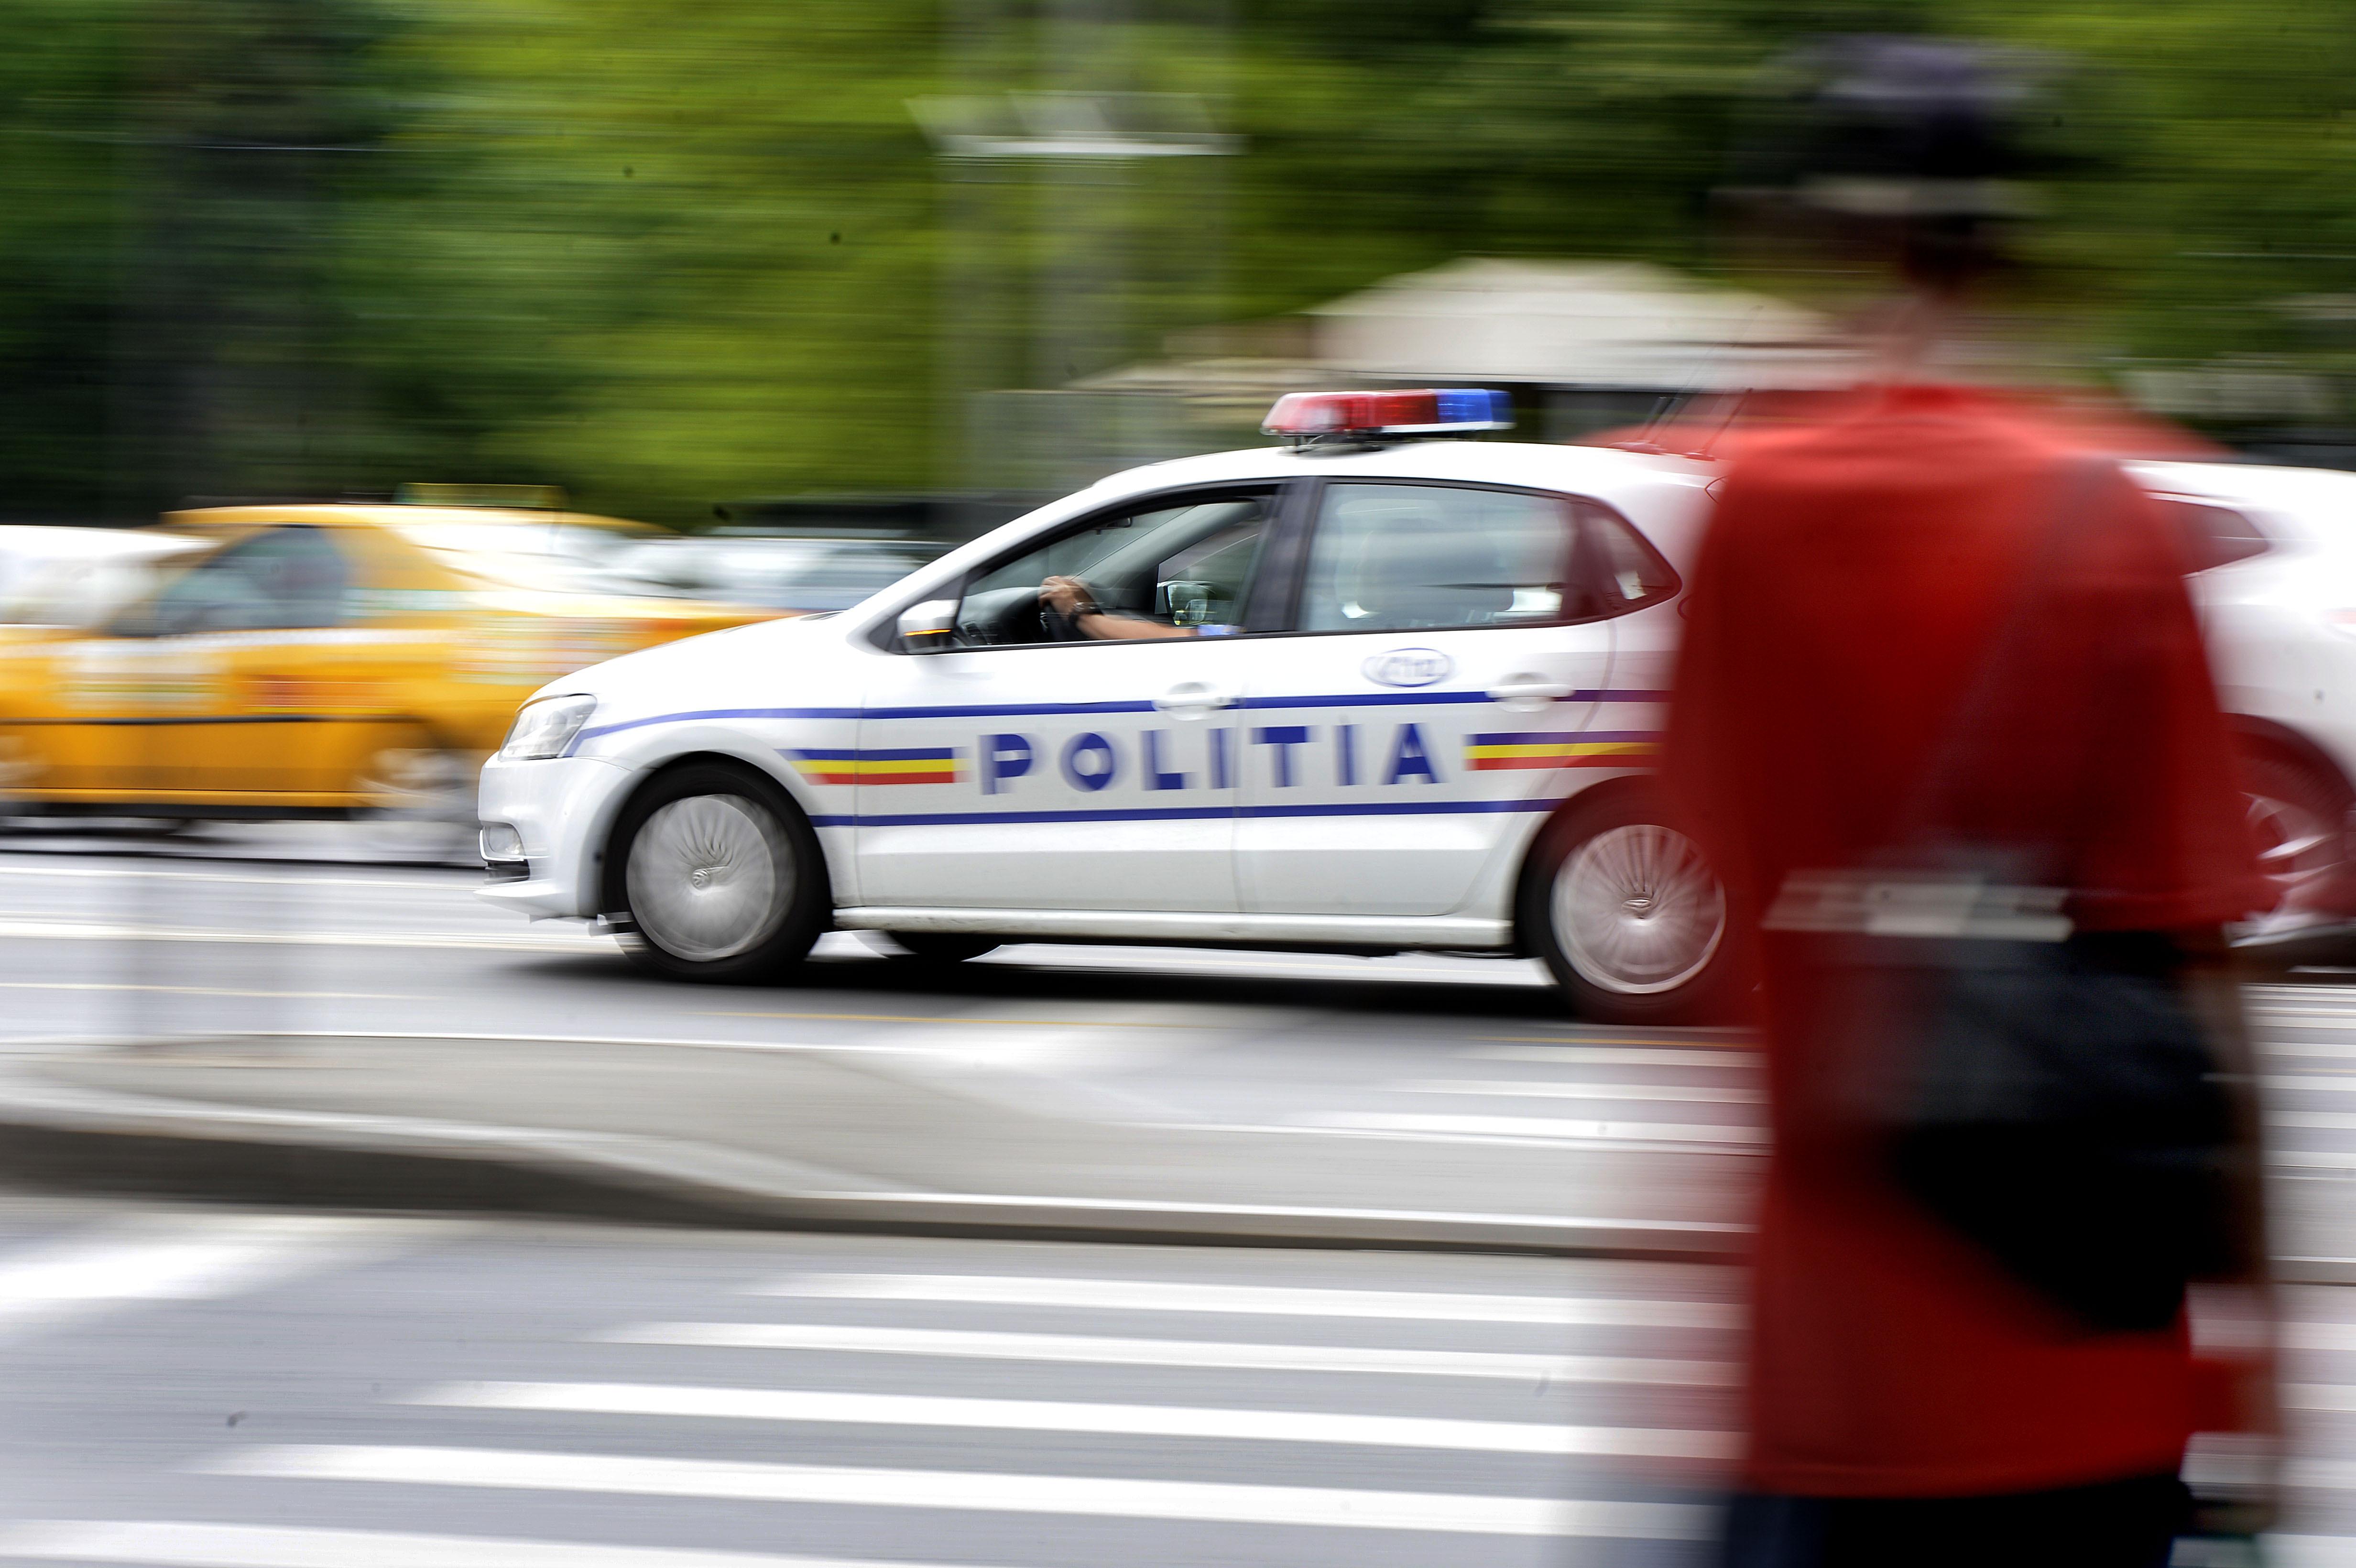 Şoferiţă în vârstă de 19 ani, surprinsă de radar cu 87 km/oră în Bucureşti, sub influenţa drogurilor